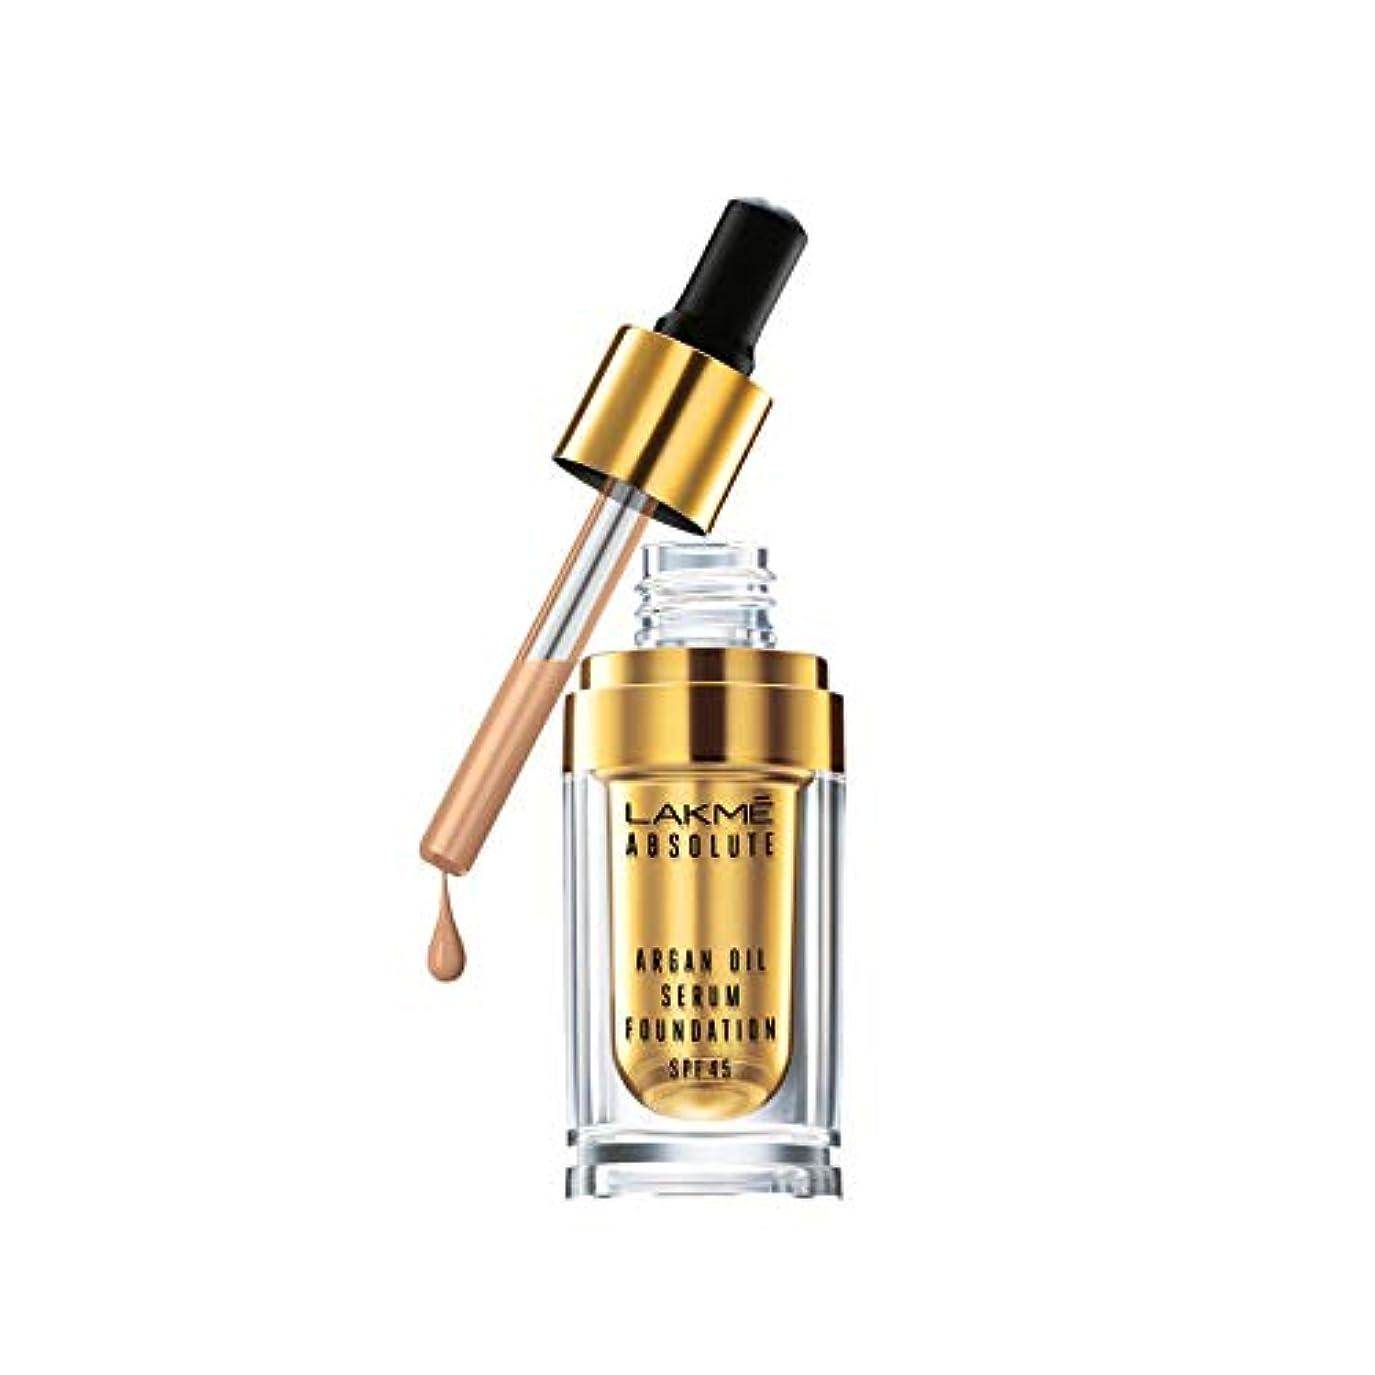 再発する再現するスーツLakme Absolute Argan Oil Serum Foundation with SPF 45, Ivory Cream, 15ml